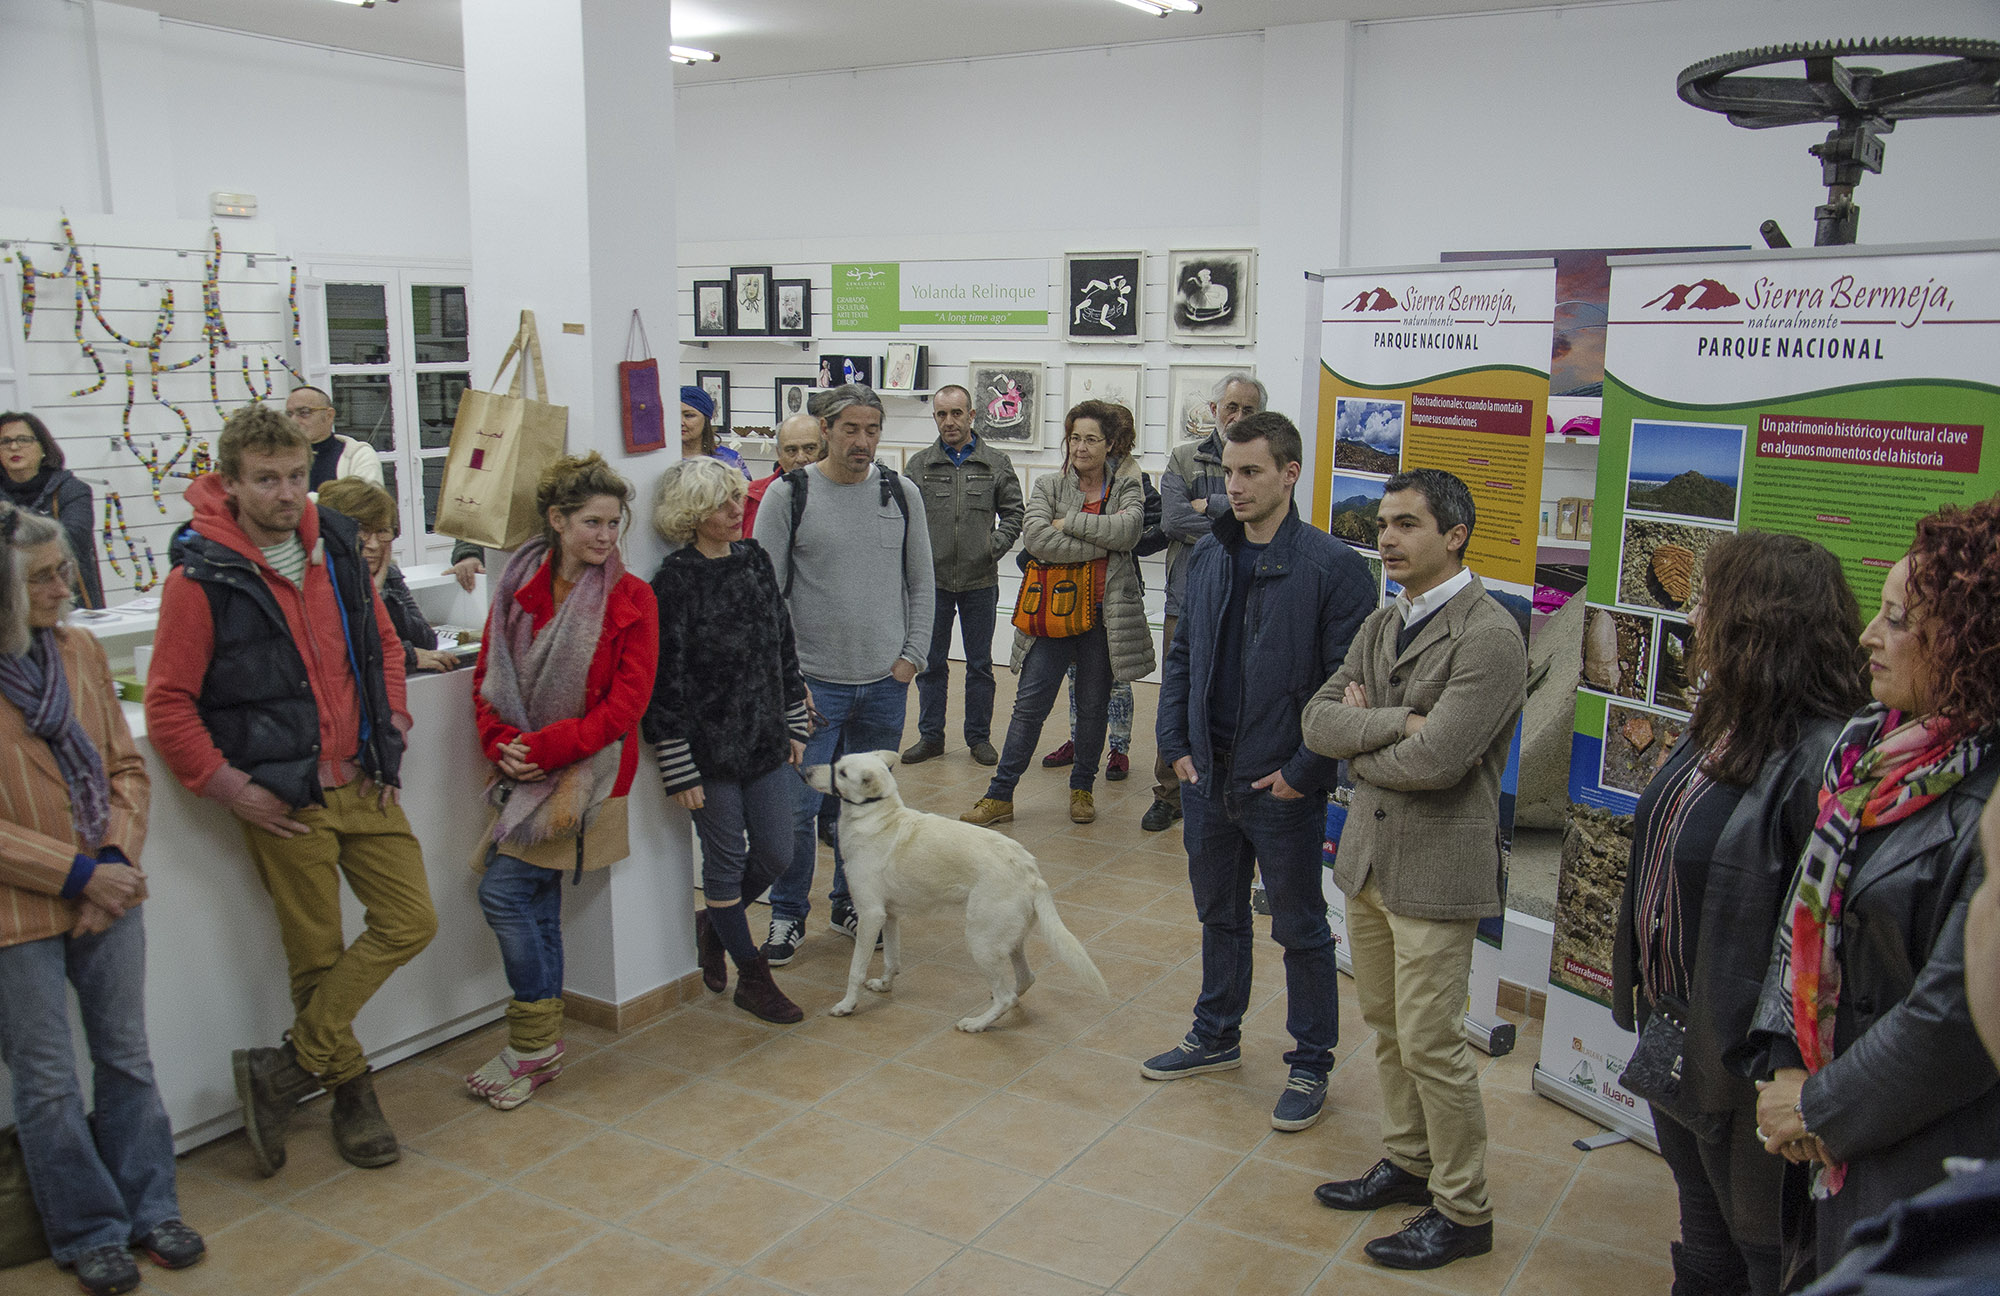 Genalguacil alberga la exposición Sierra Bermeja Parque Nacional